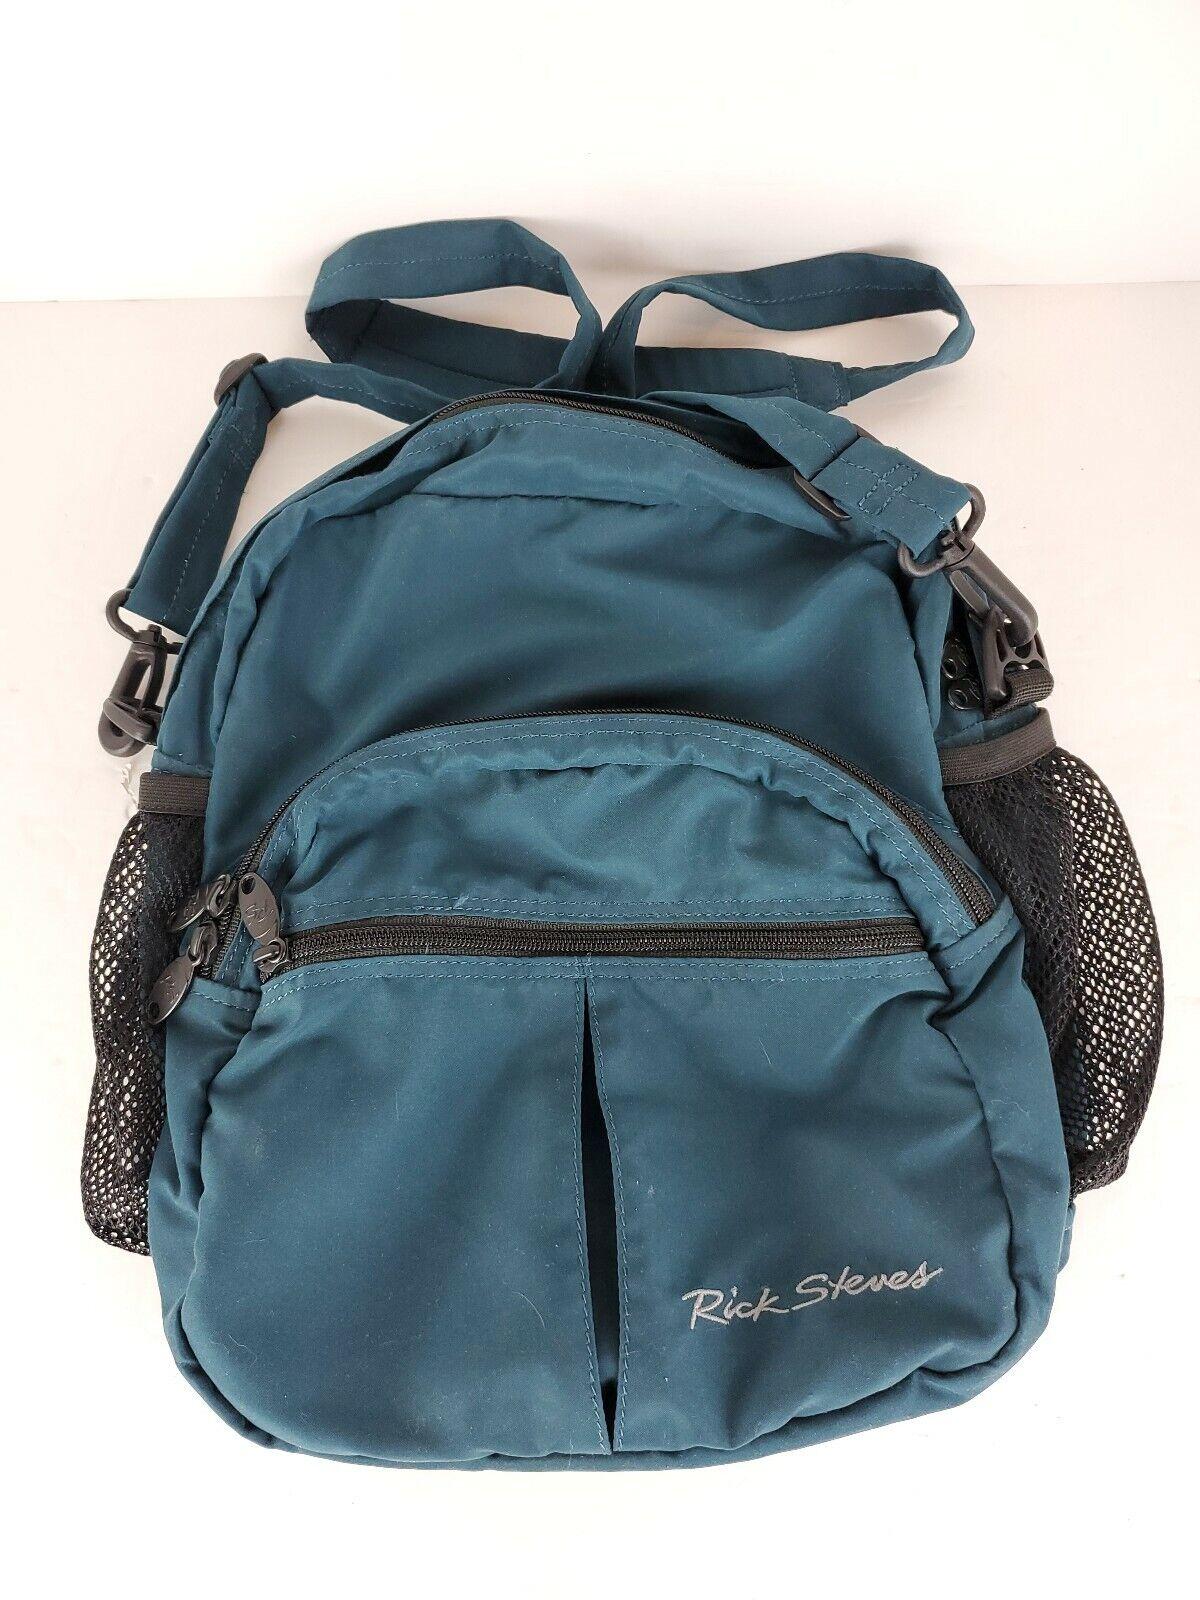 Rick Steves Crossbody Bag Travel Org